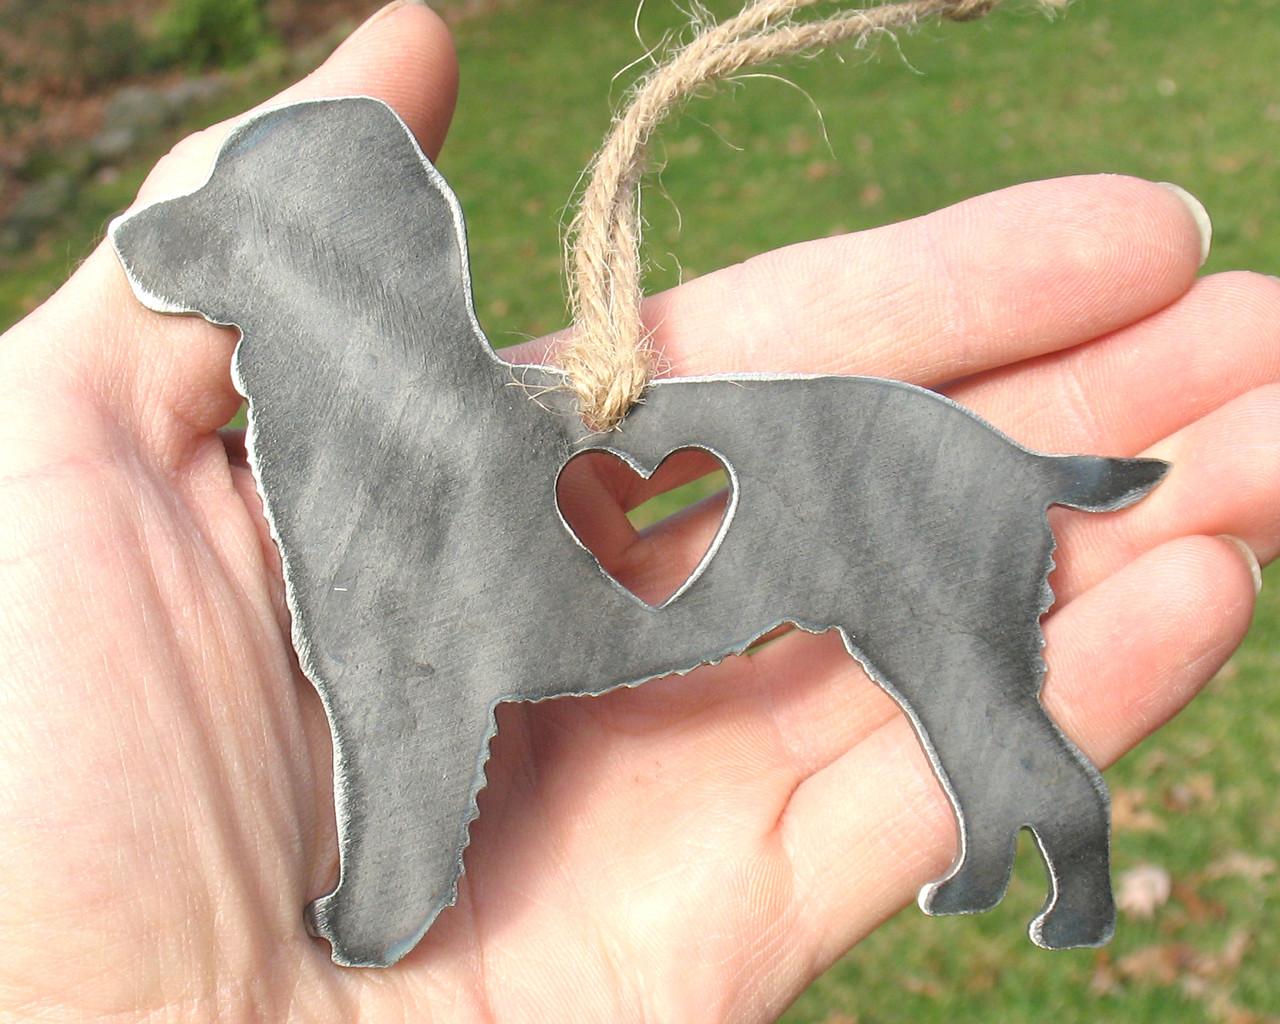 Springer Spaniel Dog Ornament 1 - Metal Dog Christmas Ornament - Pet Lover Memorial Ornament - Pet Loss Dog Memorial Remembrance Gift